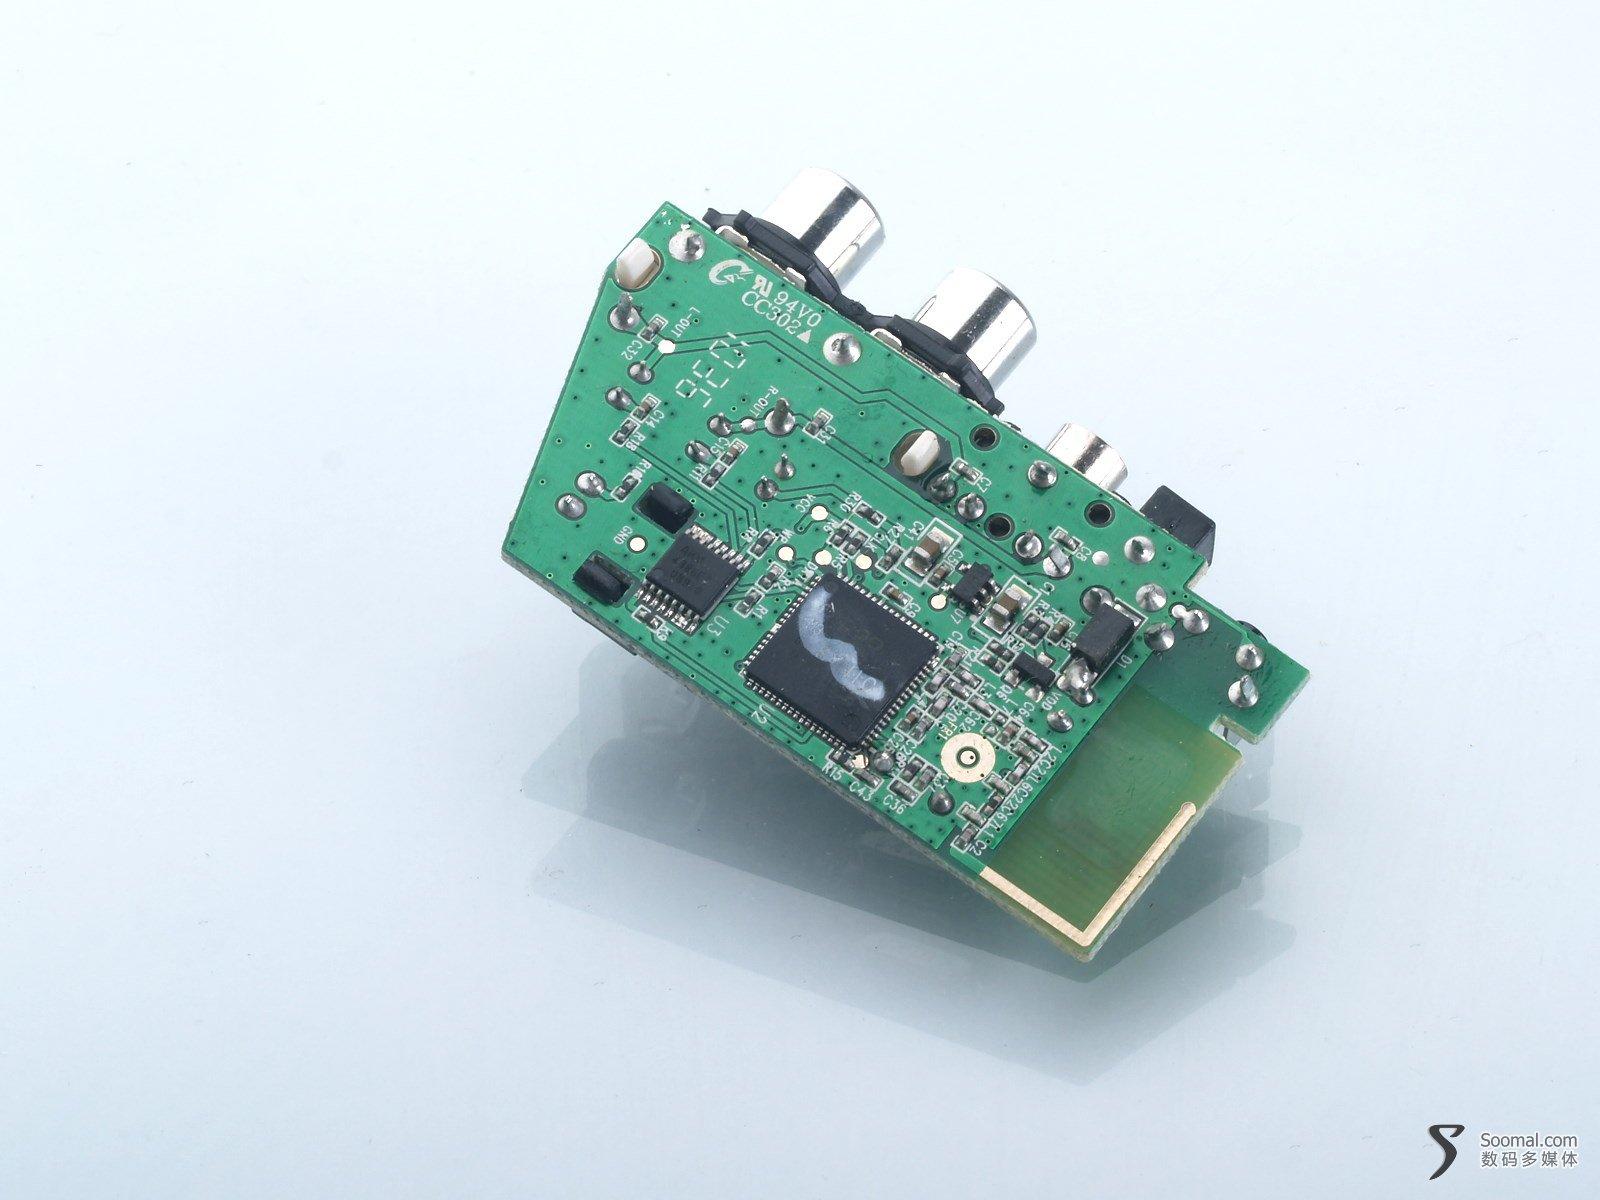 SE8SE_rapoo 雷柏 se8 无线喇叭适配器-接收器电路板背面; rapoo 雷柏 se8